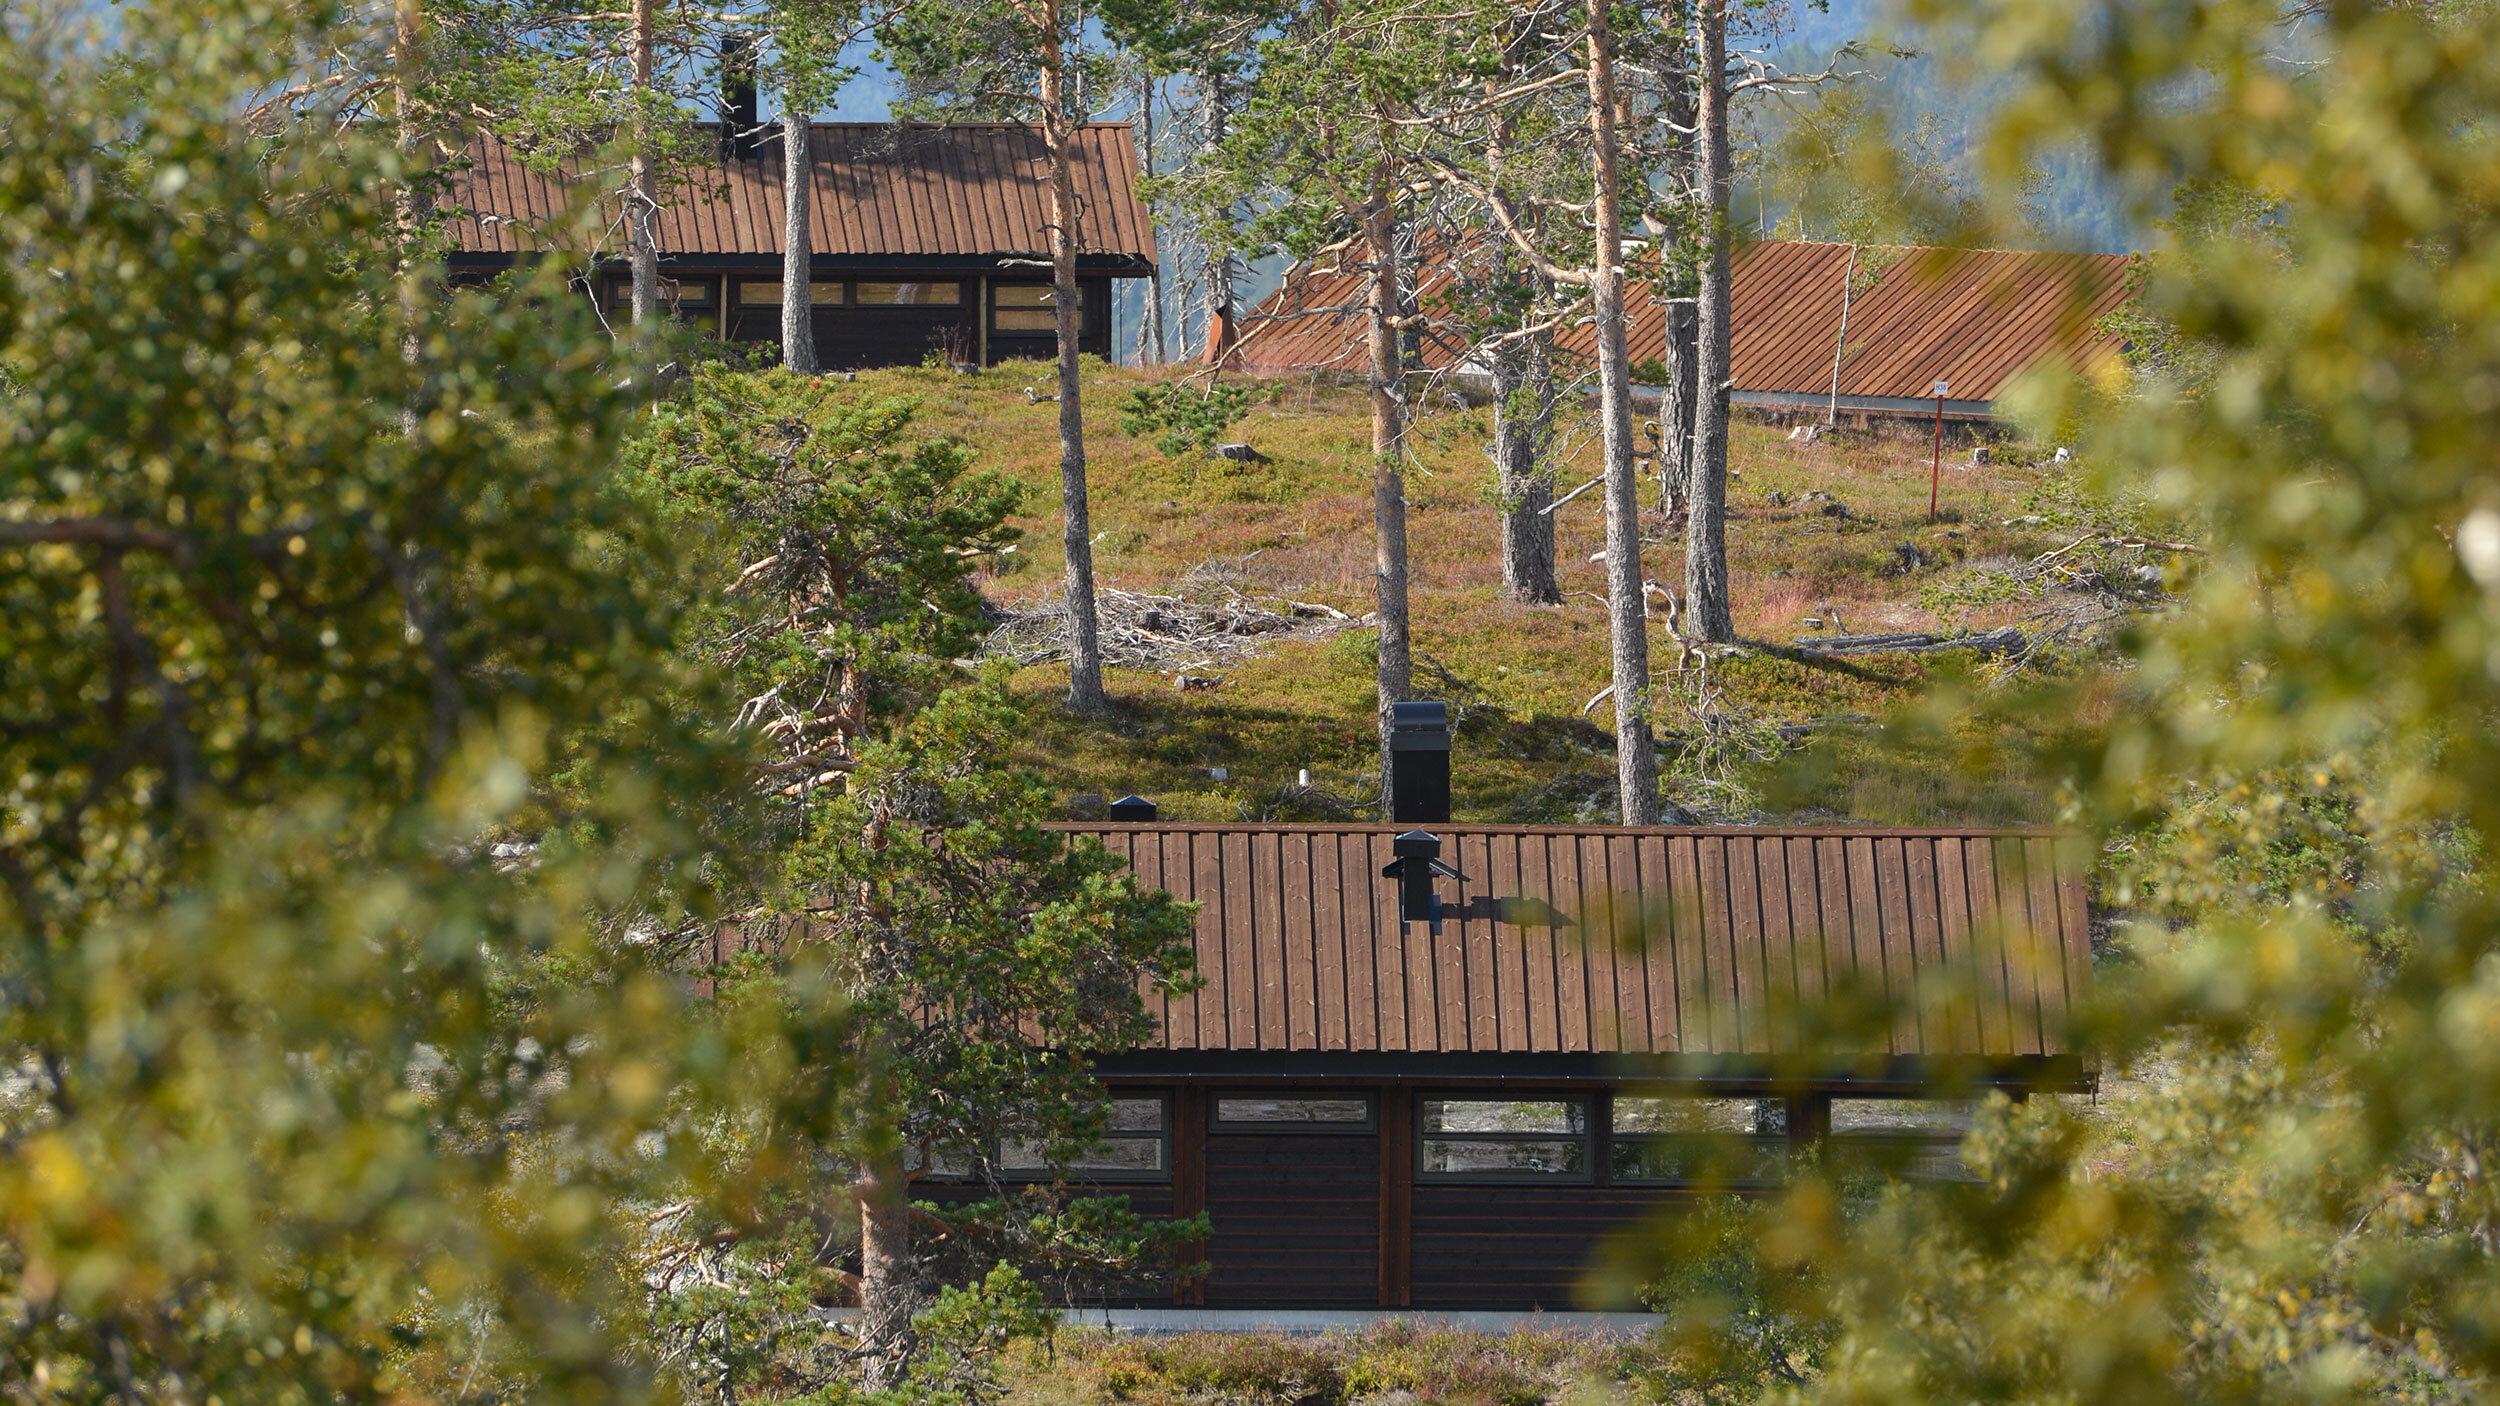 Ålhytte_Sørbølfjell_SVA2149.jpg